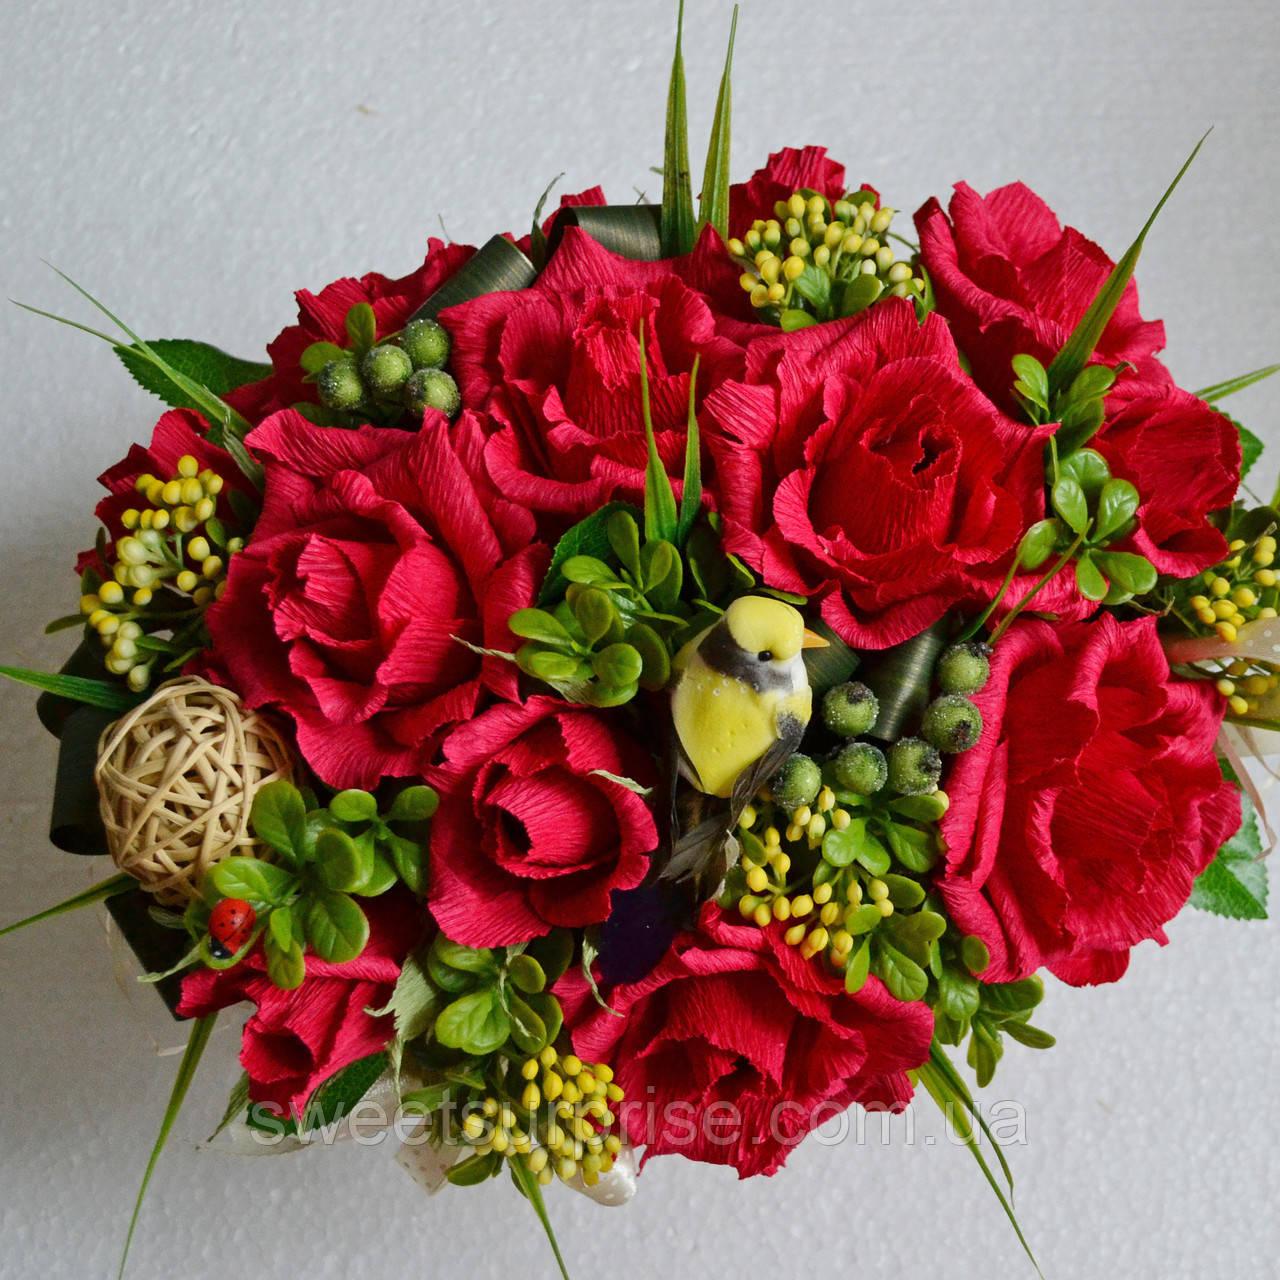 """Подарочная корзина """"Вкусные розы"""""""